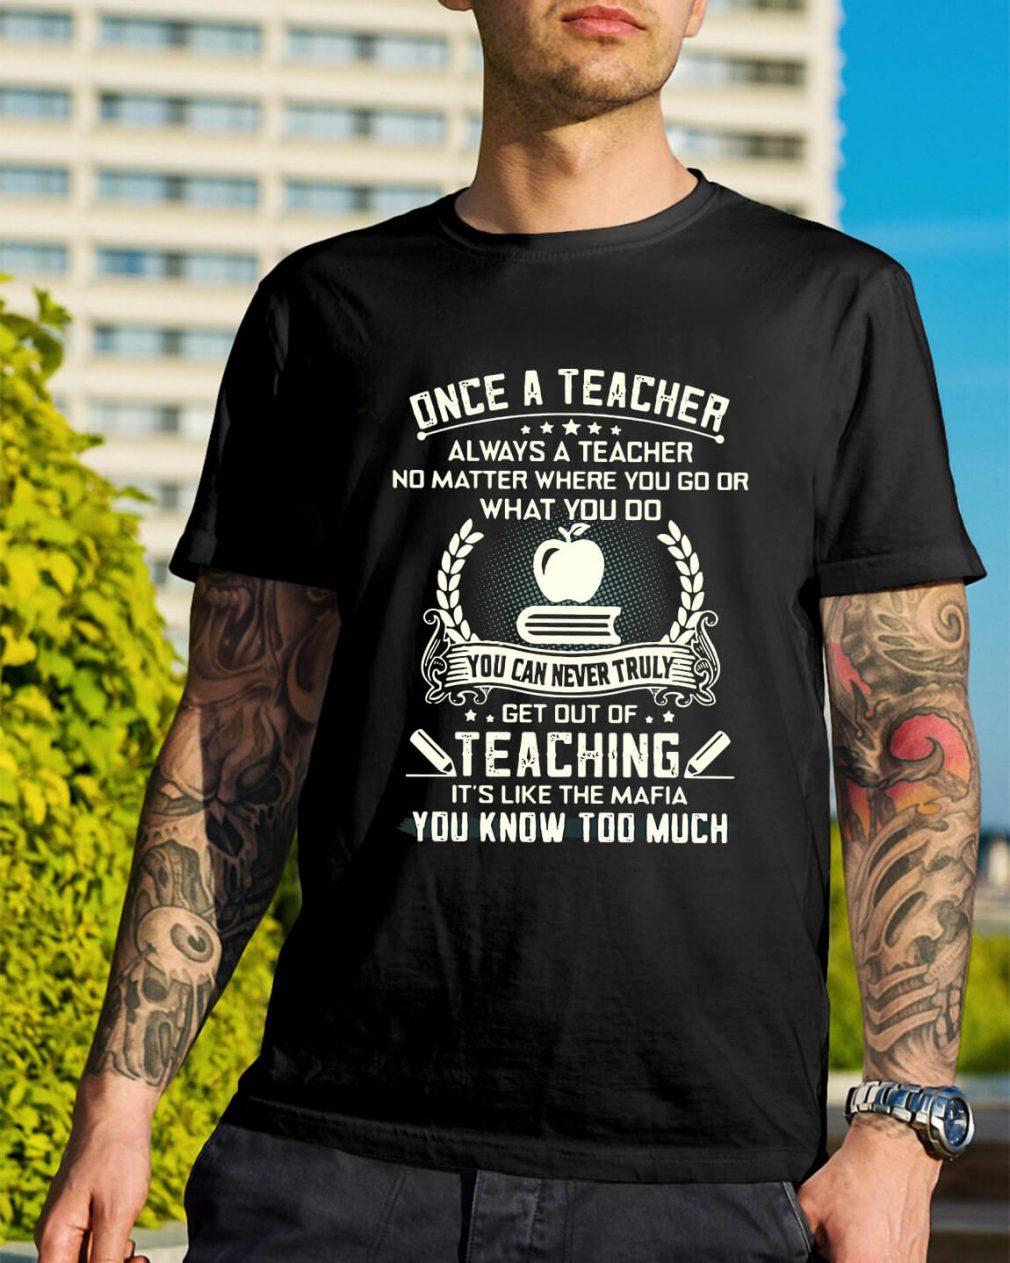 Once a teacher always a teacher no matter where you go shirt